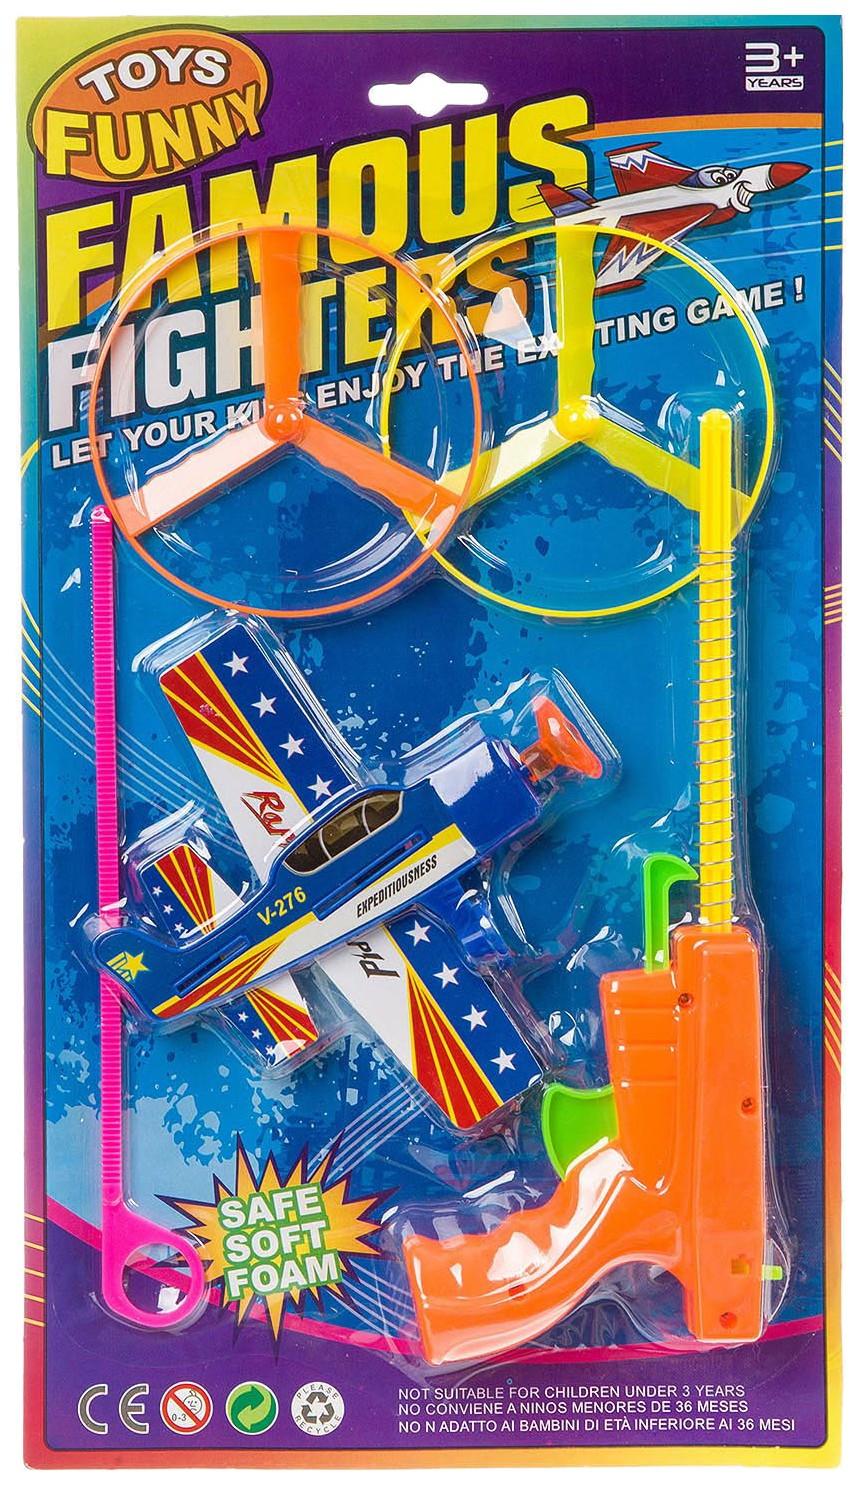 Купить Игрушка пистолет с запускн. самолётиком, CRD, 2 вида, арт. 5887., Shenzhen Toys, Воздушный транспорт